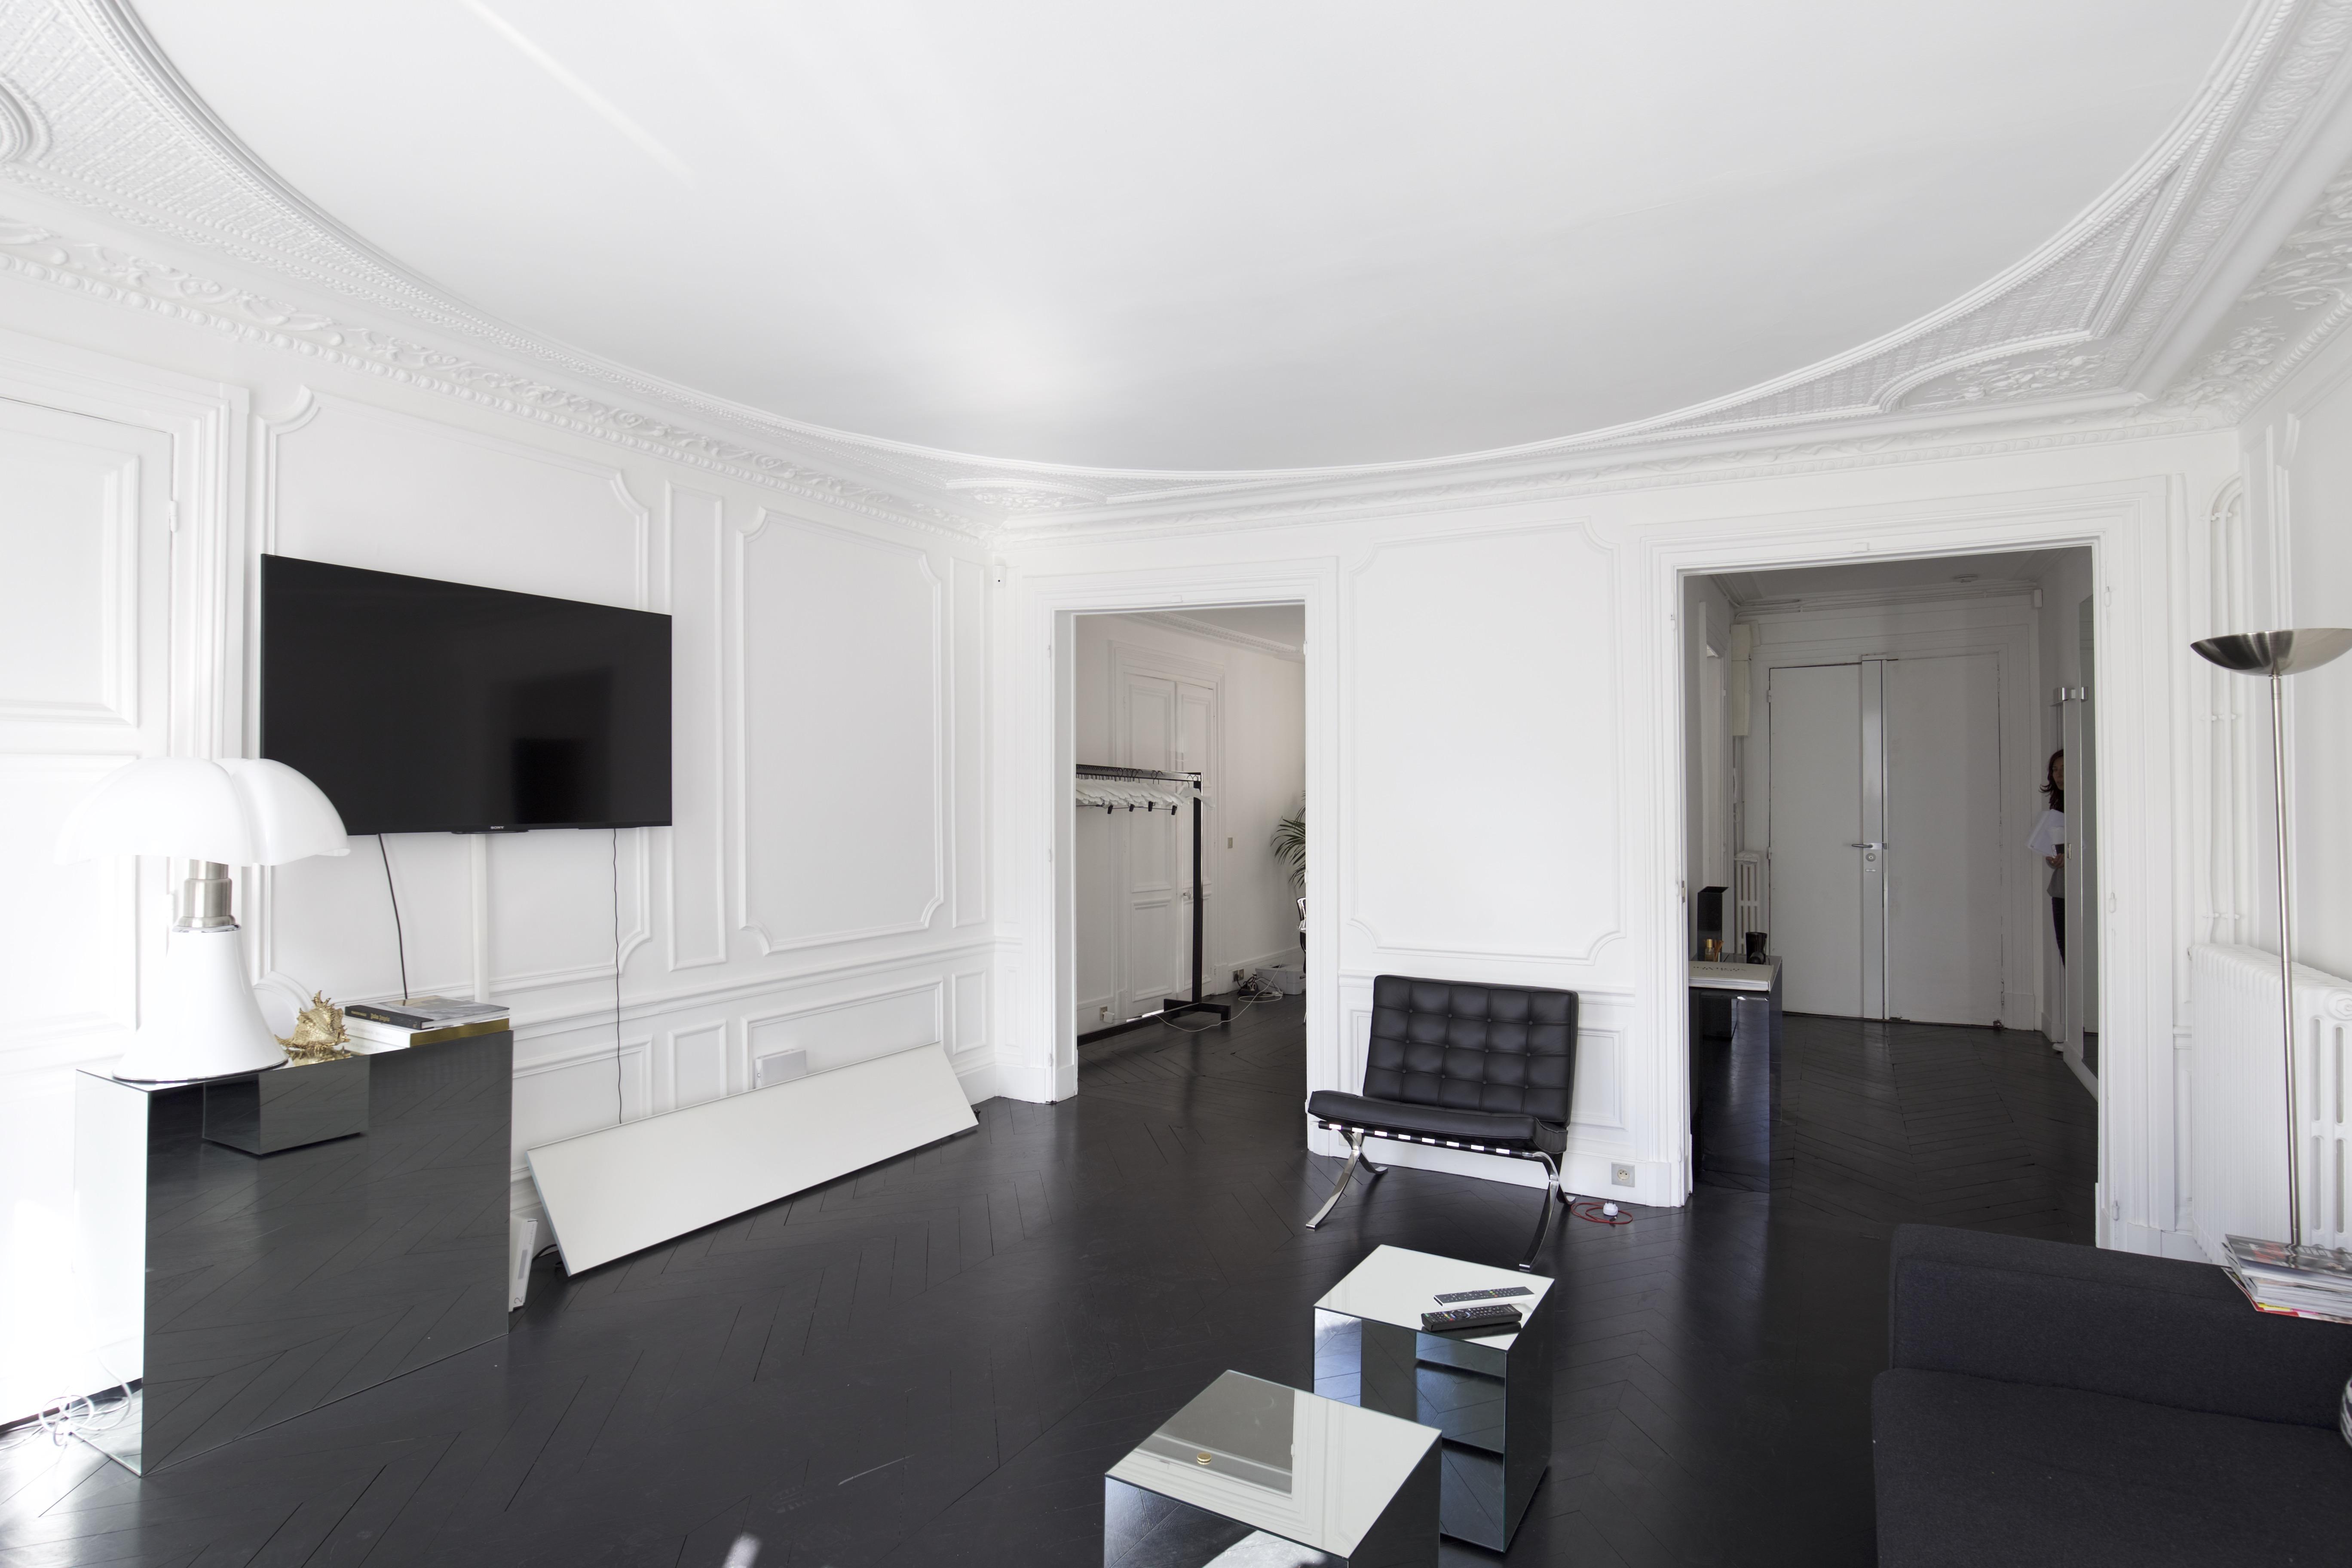 paris storefront ouvre ses portes dans la capitale mondiale de la mode storefront blog. Black Bedroom Furniture Sets. Home Design Ideas